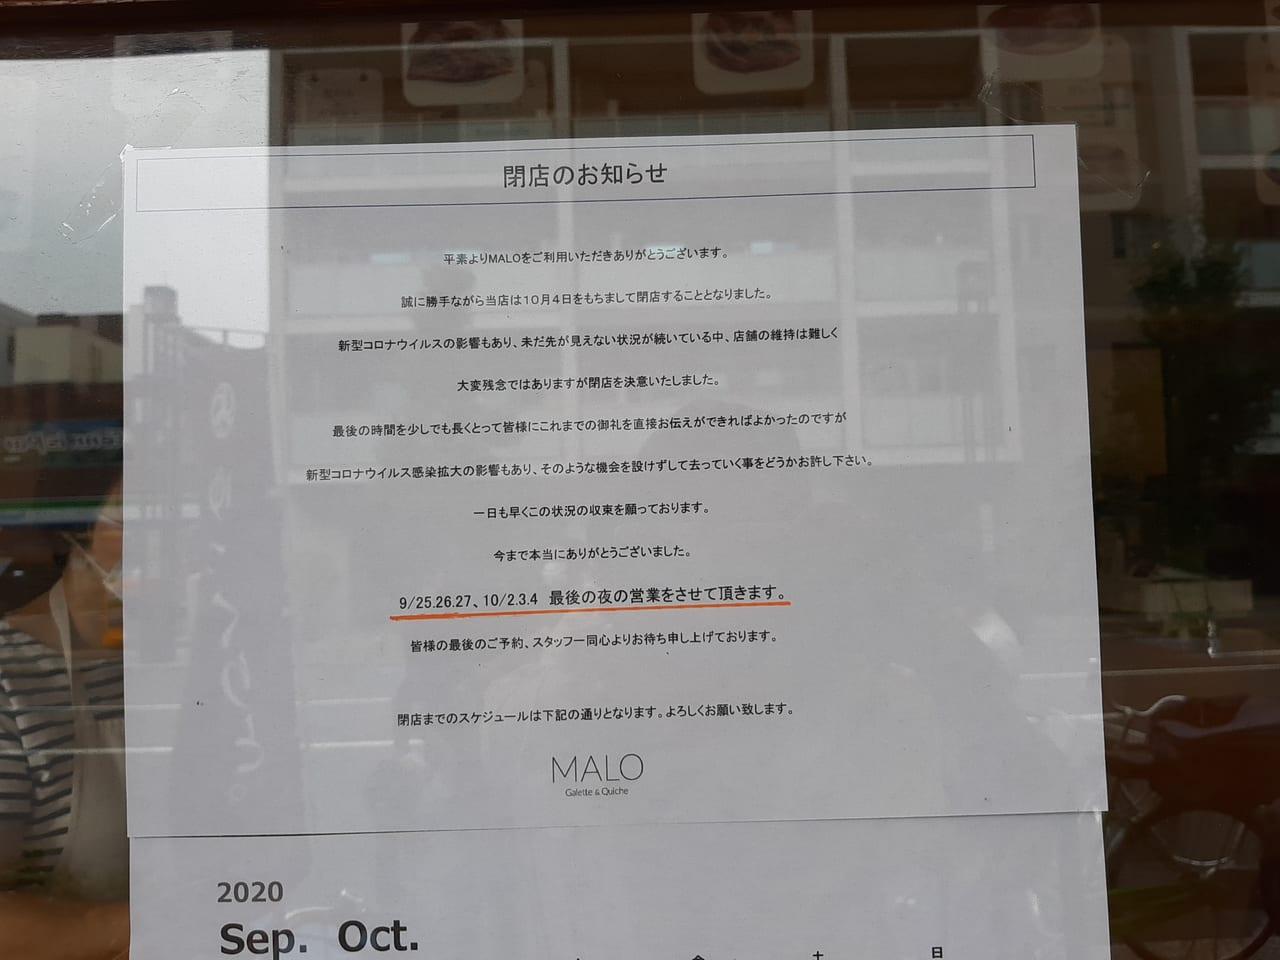 MALO閉店のお知らせ